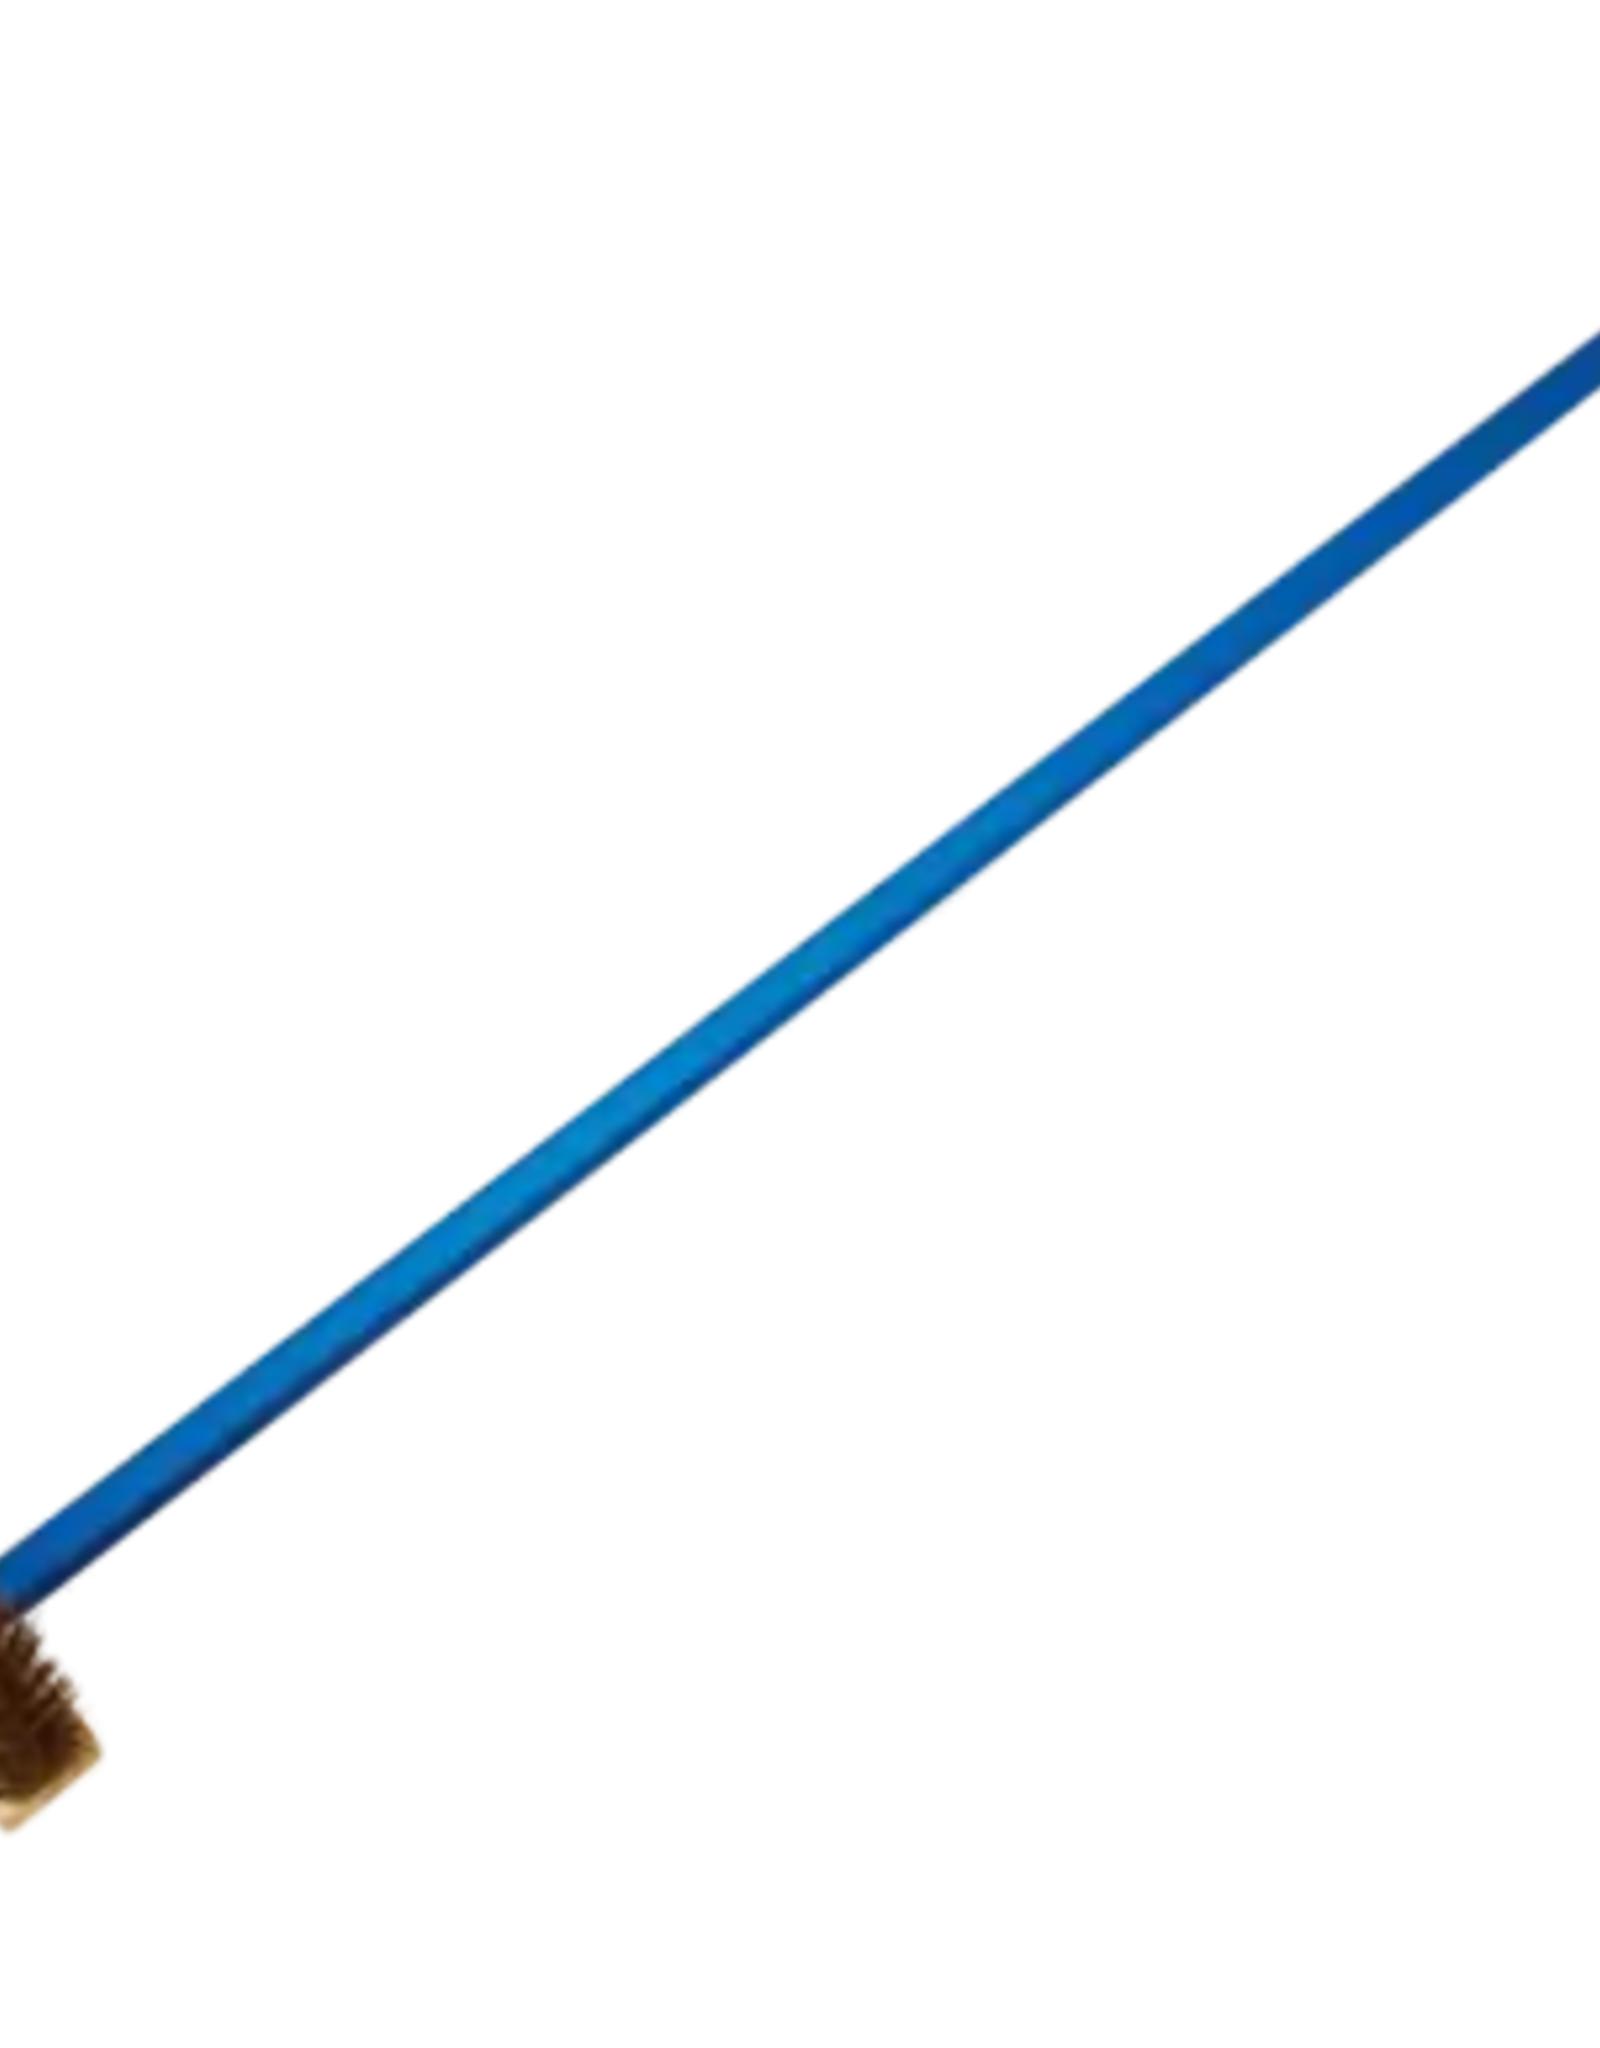 Bull Bull Pro Brass Bristle Brush - 66028